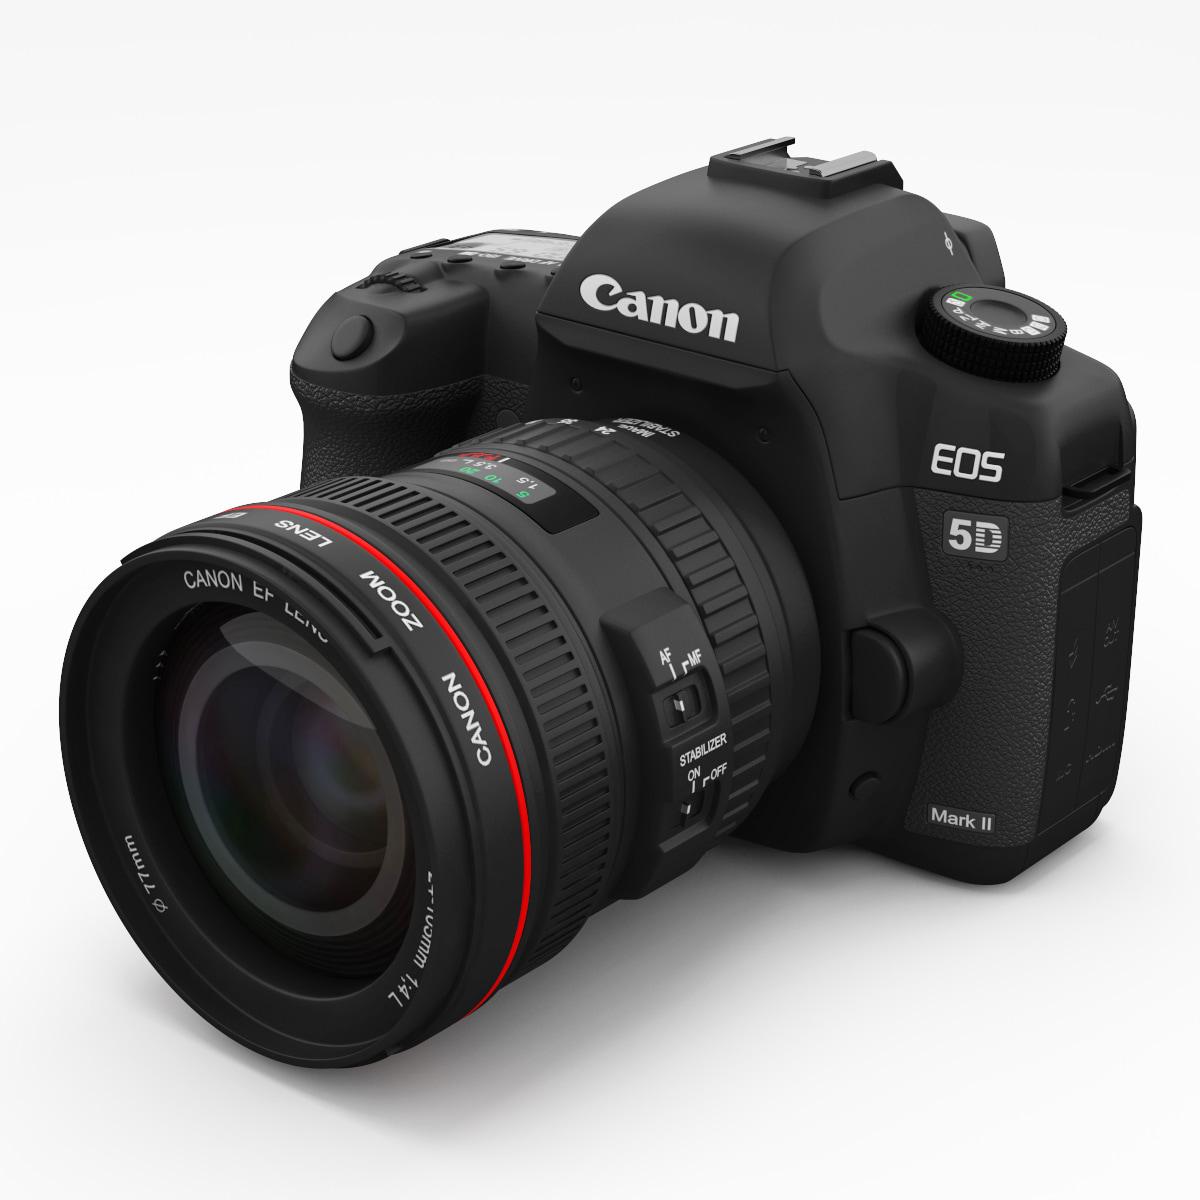 Canon_EOS_5D_Mark_II_Kit_01.jpg